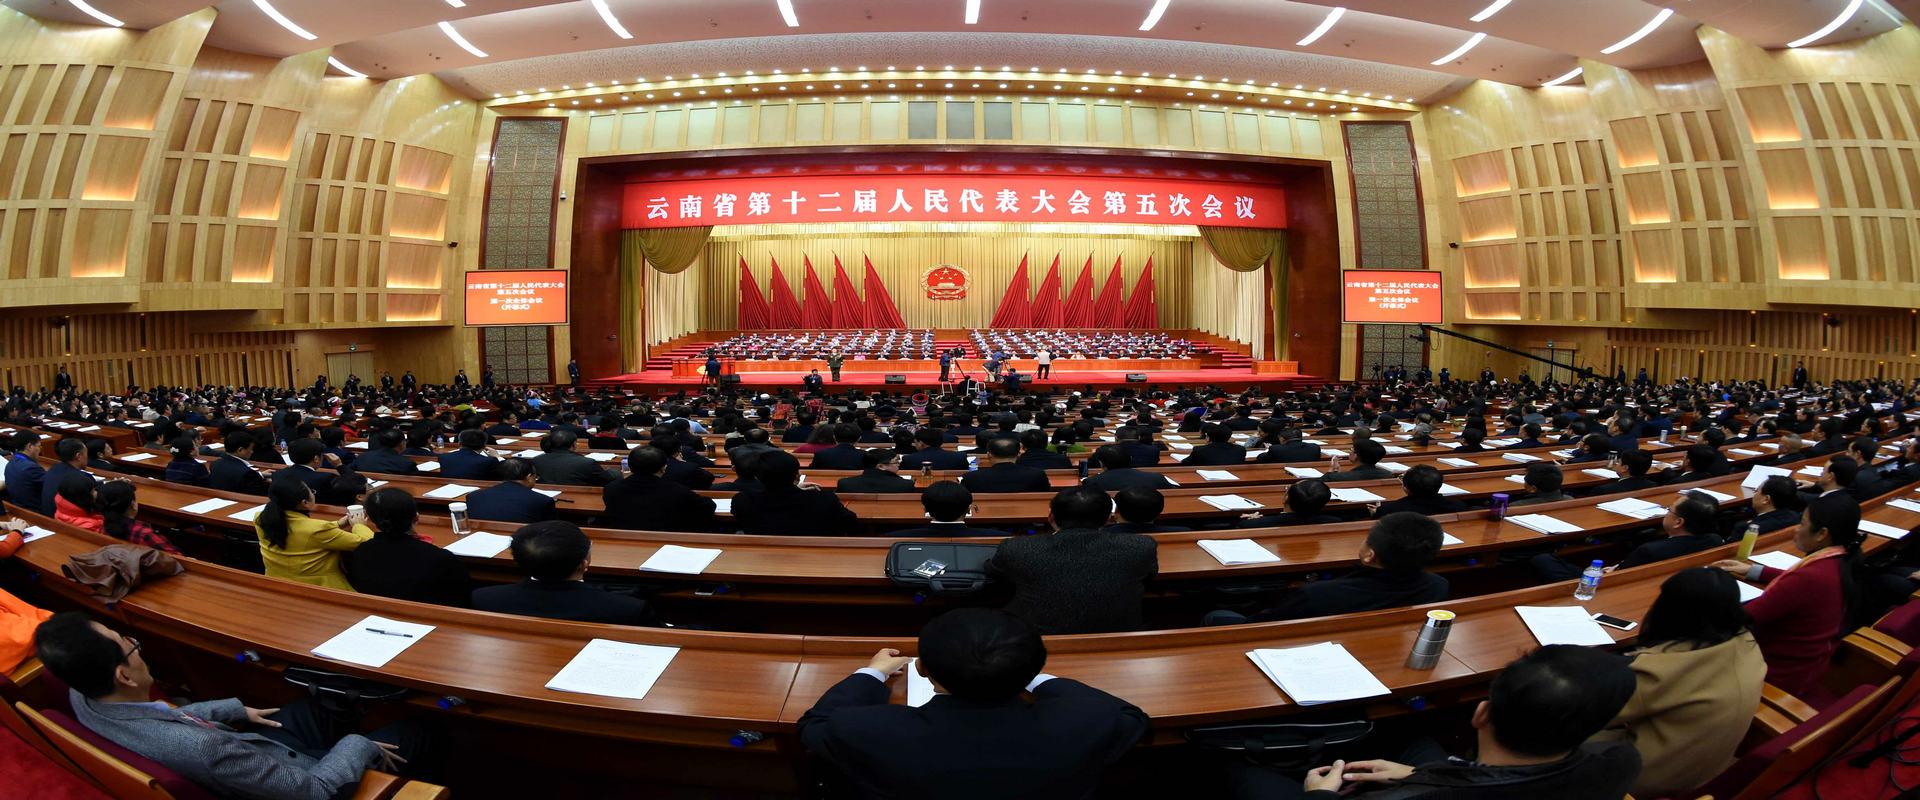 雲南省第十二屆人民代表大會第五次會議在昆明開幕